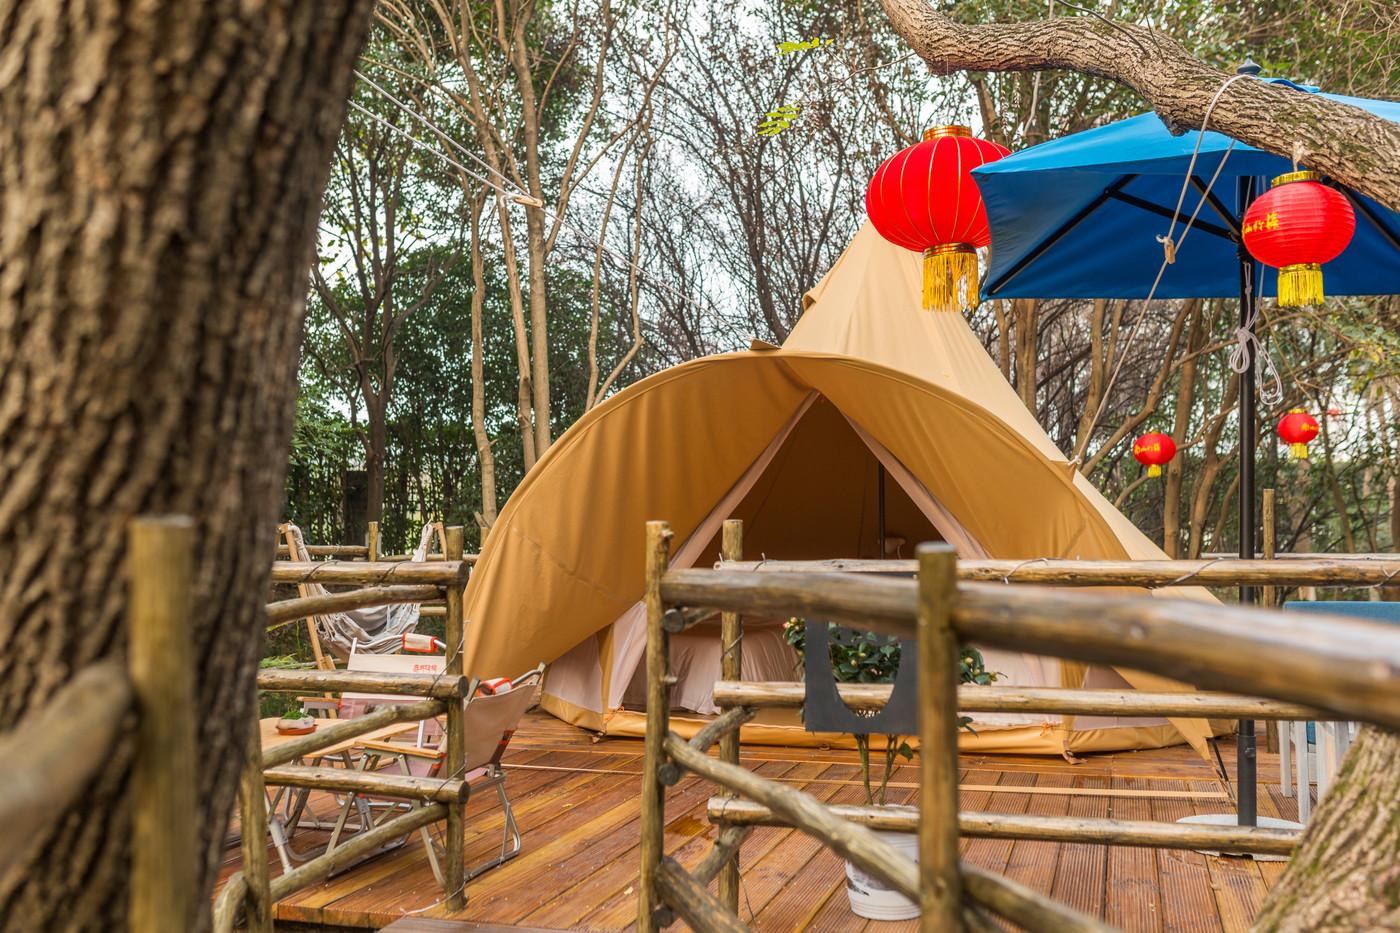 喜马拉雅野奢帐篷酒店—江苏常州天目湖树屋27